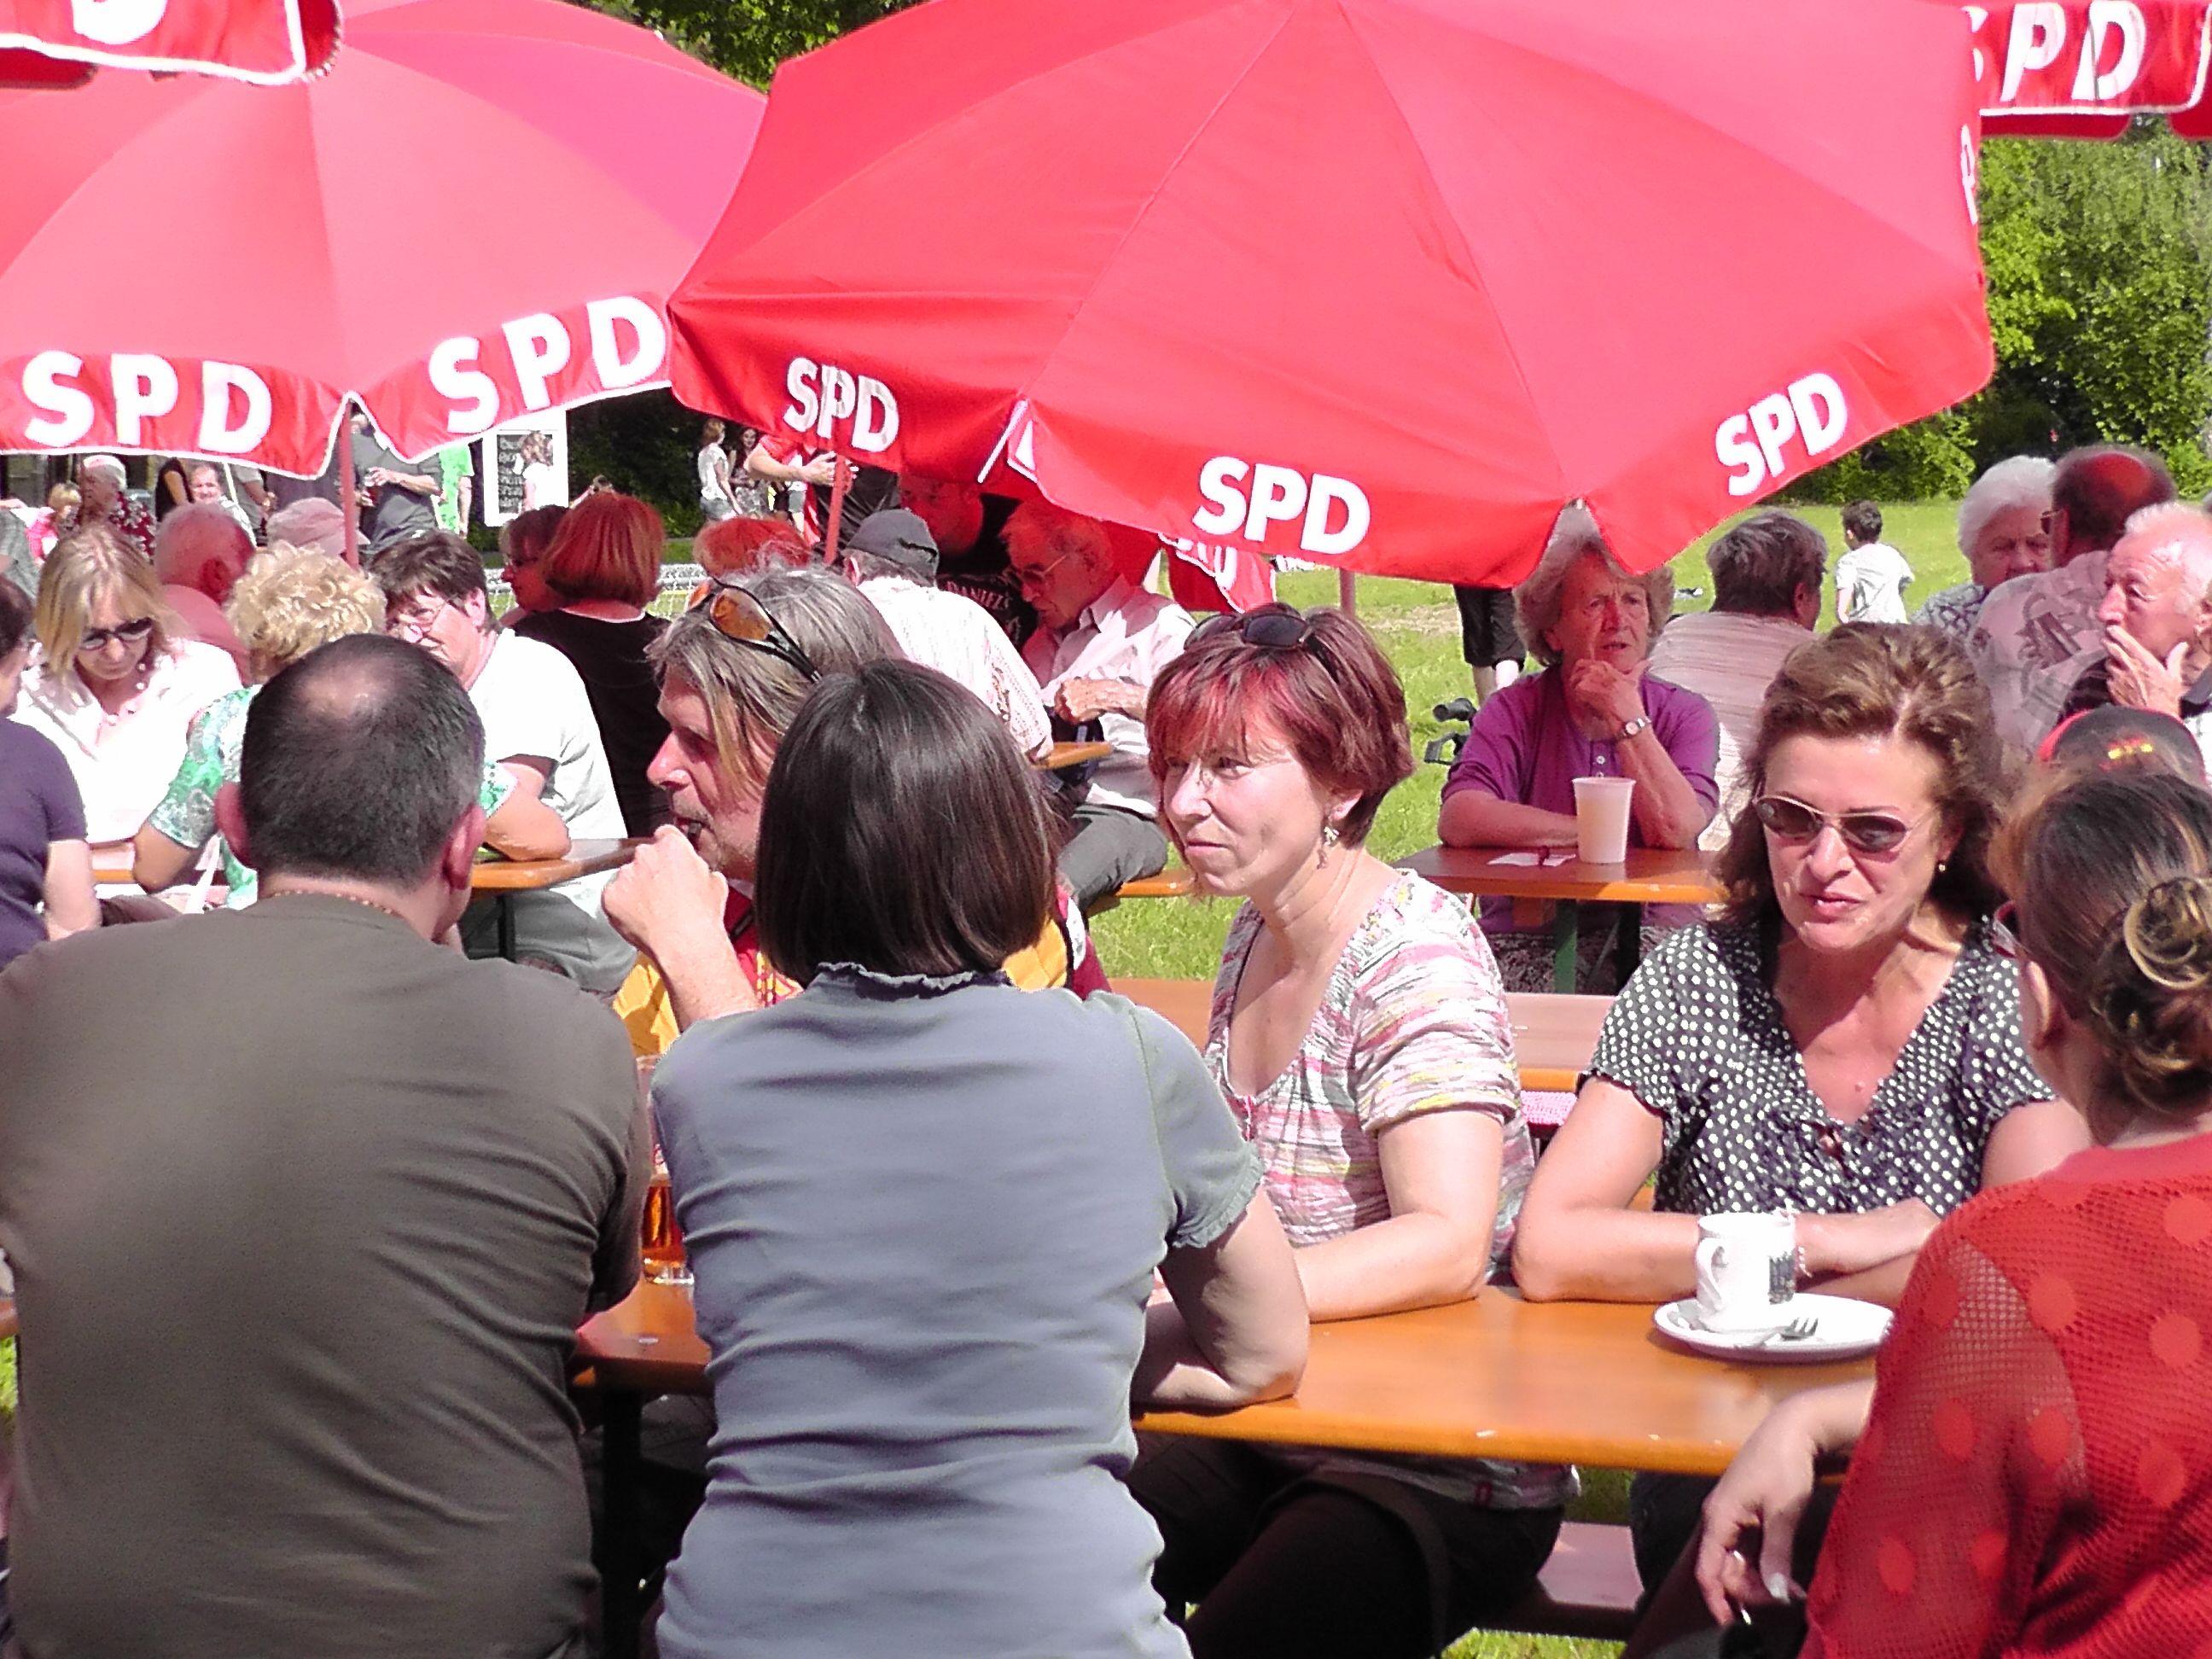 Stadtteilfest Siedlungen Süd 2013